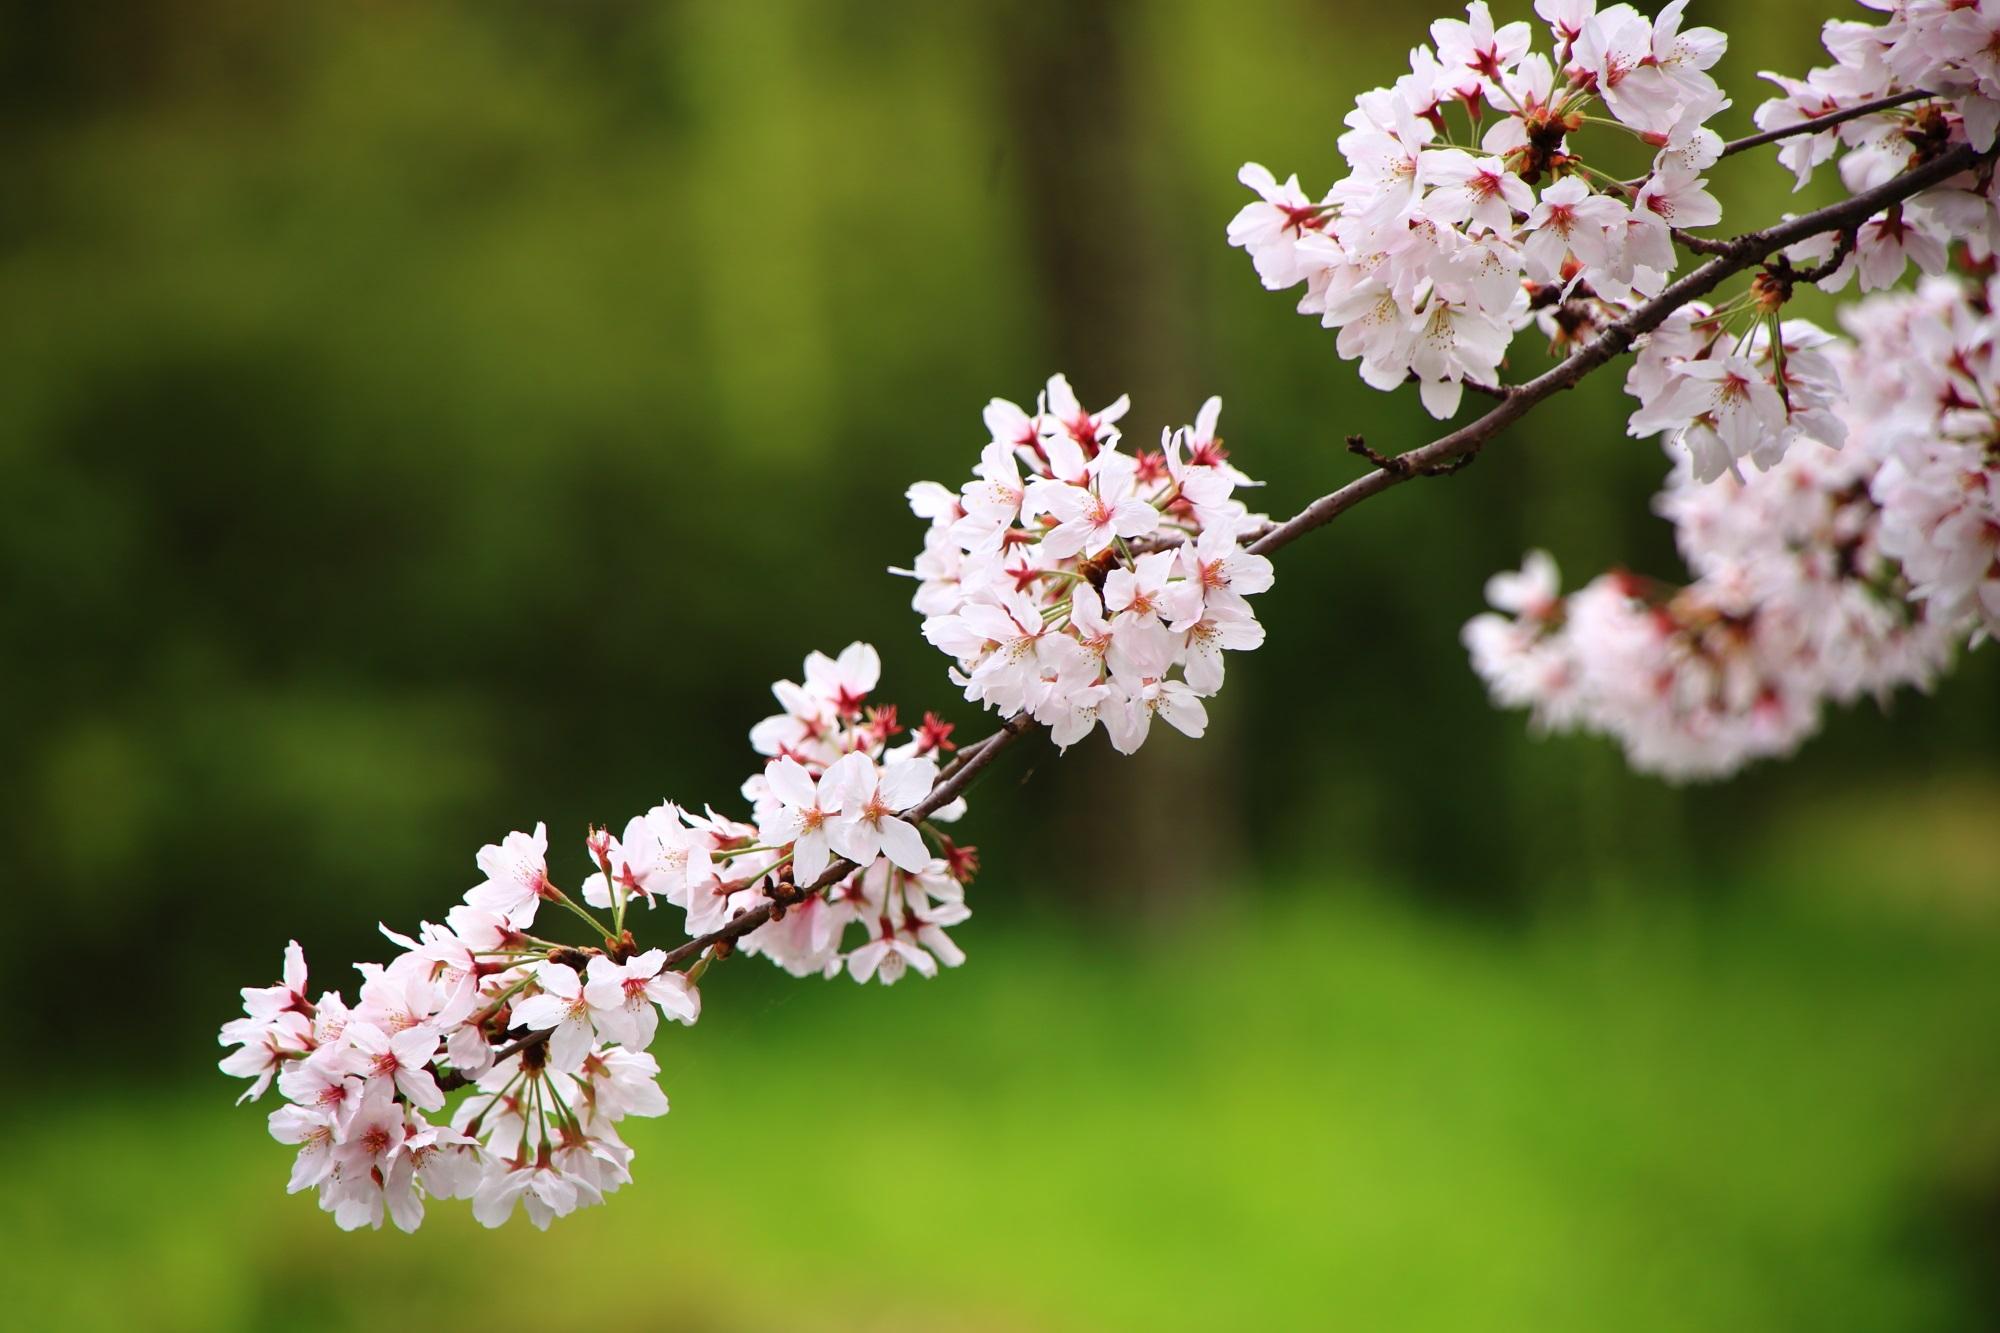 しなやかに揺らぐ可憐な桜の花